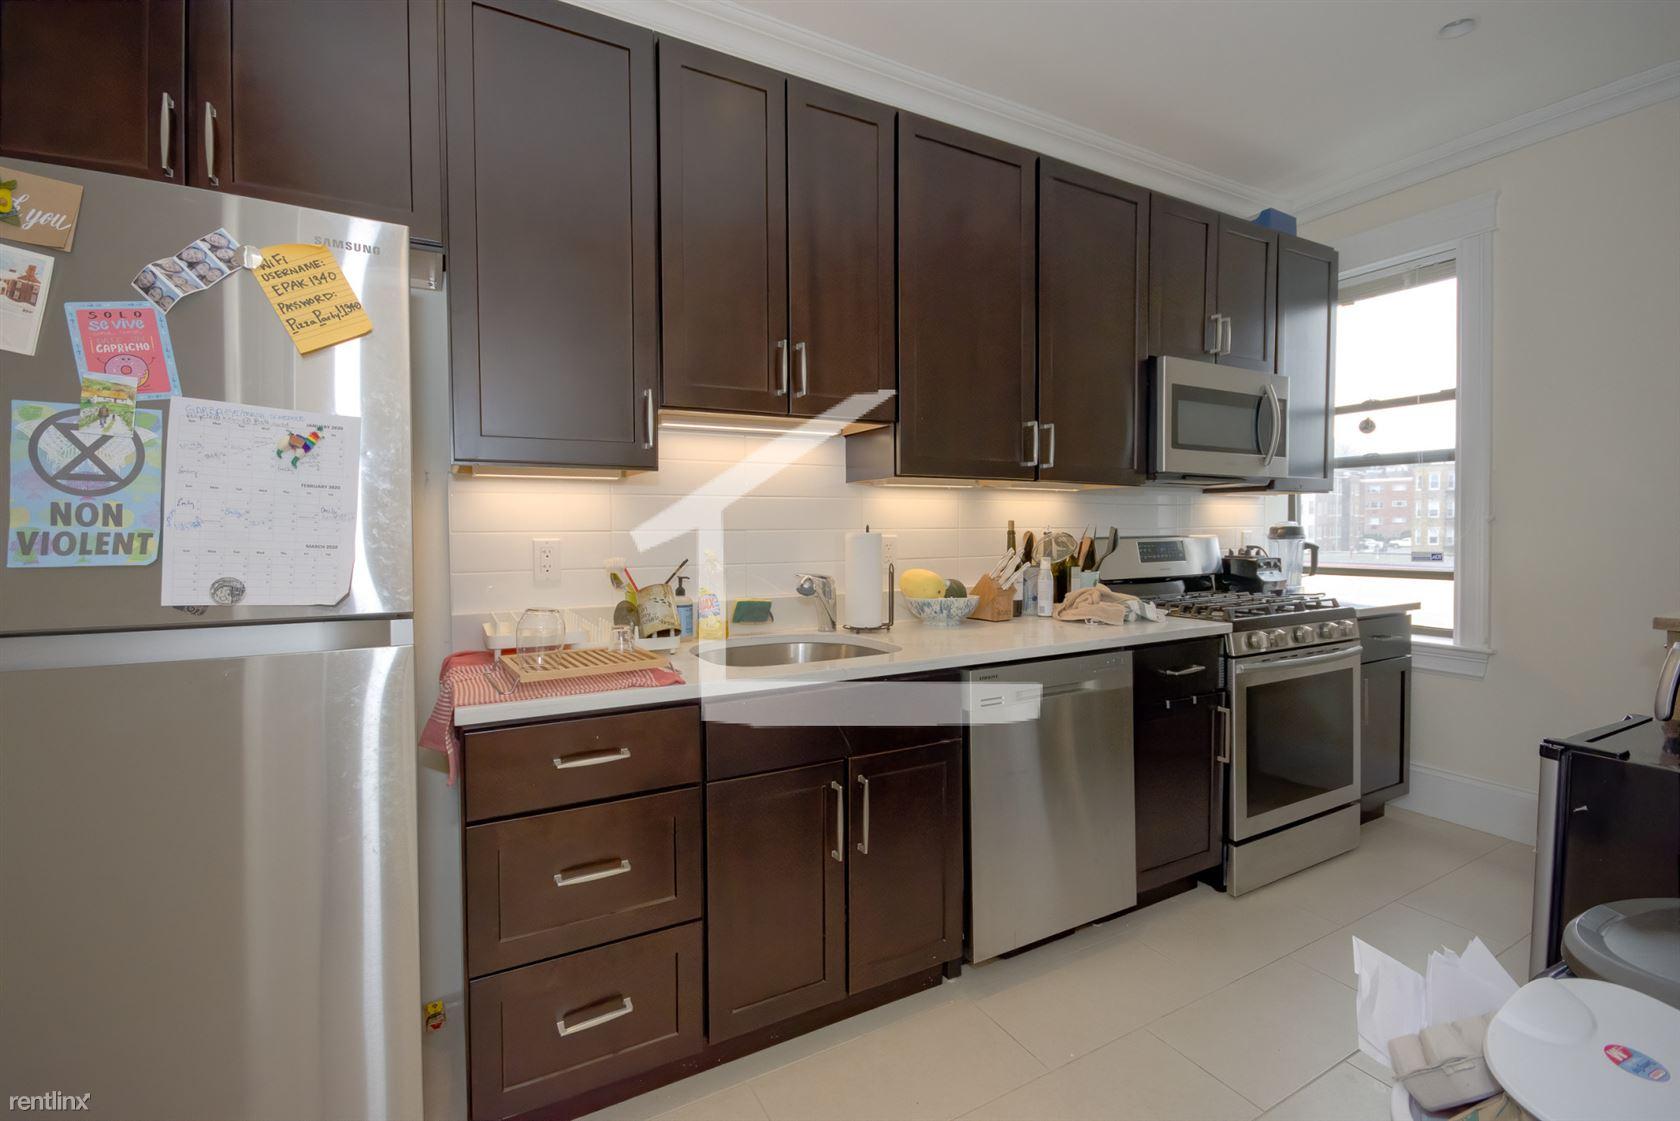 1340 Commonwealth Ave Apt 27A, Allston, MA - $2,450